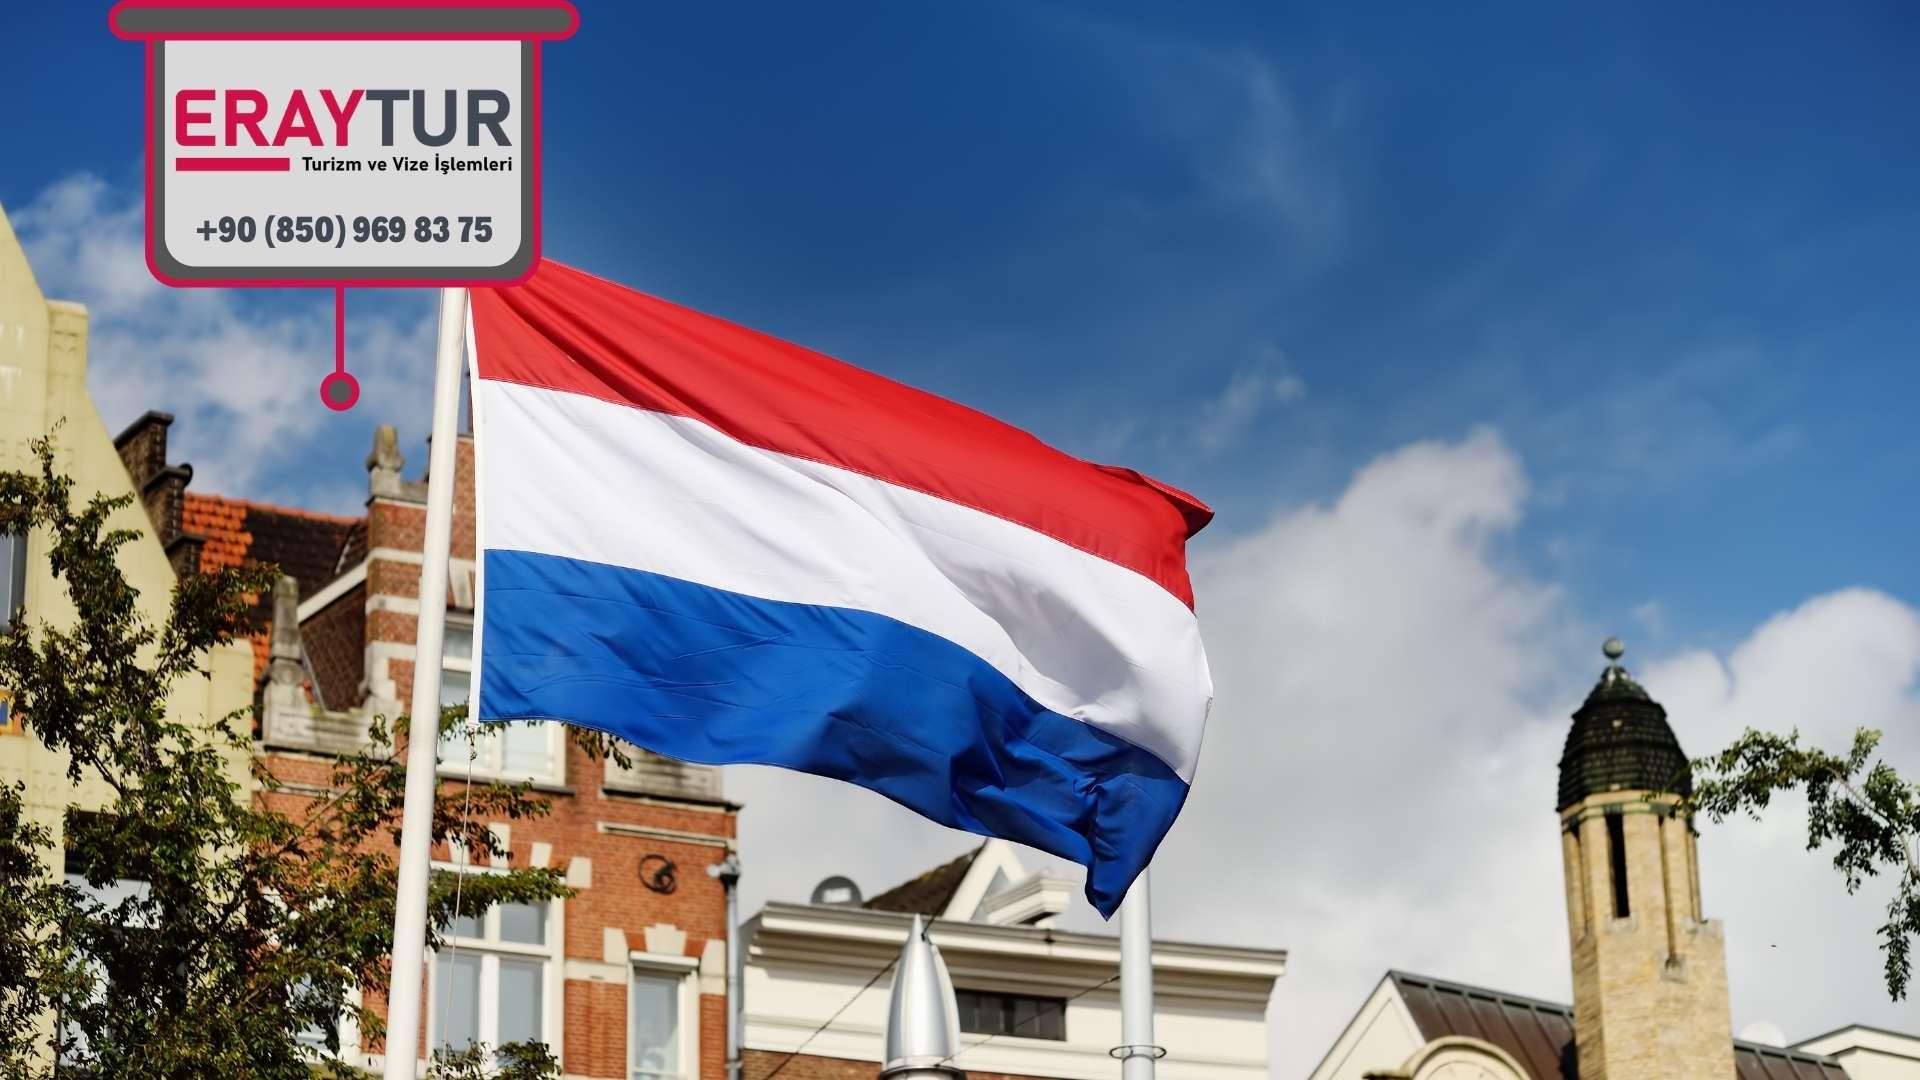 Hollanda Turistik Vize İşsiz Evrakları